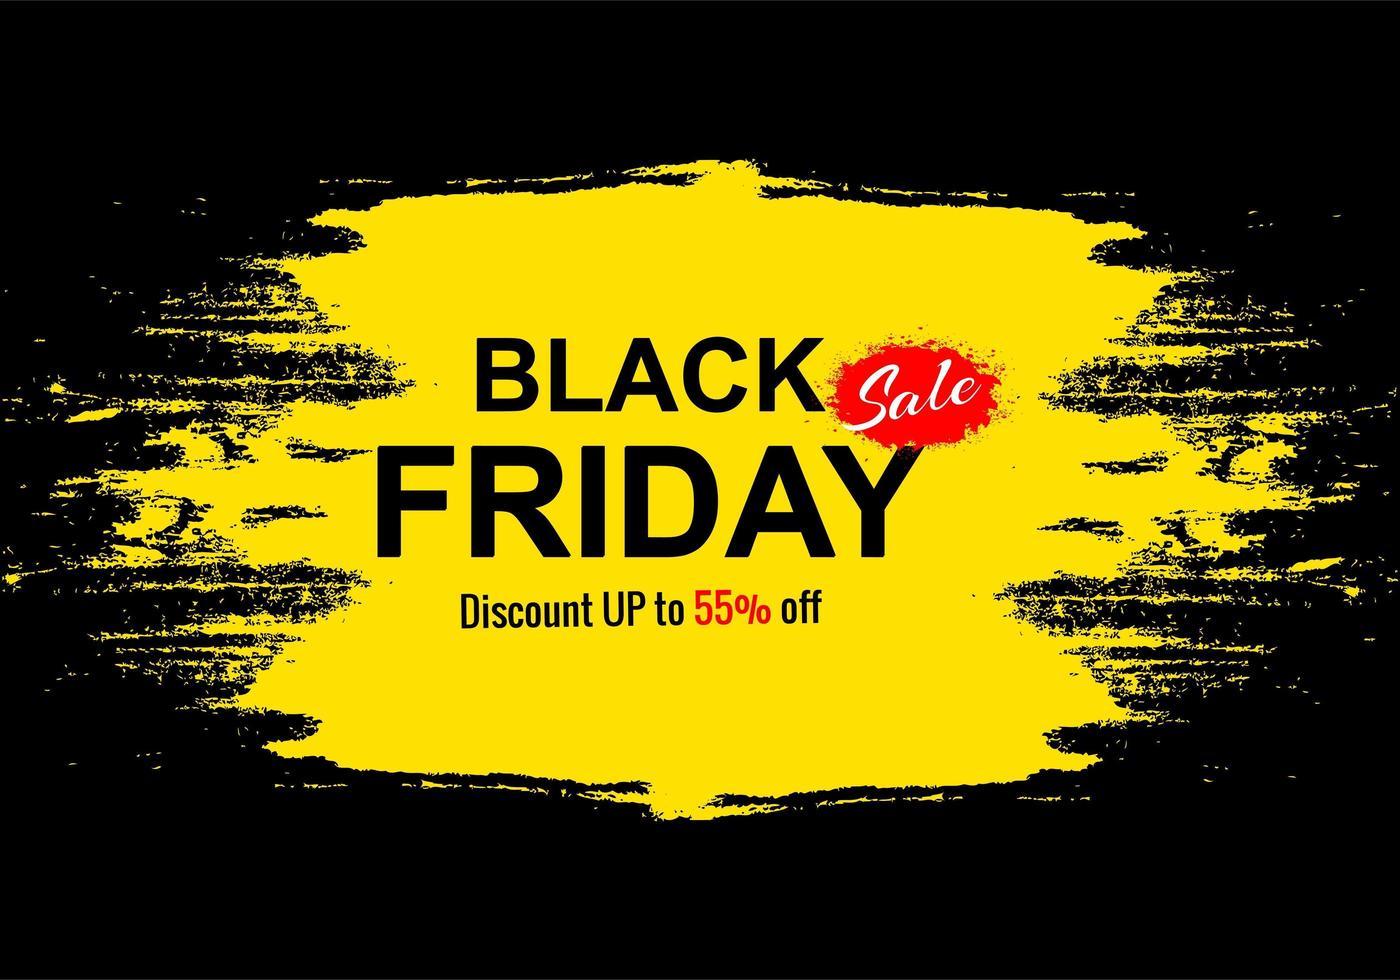 schwarzer freitagferienverkauf für grunge banner hintergrund vektor